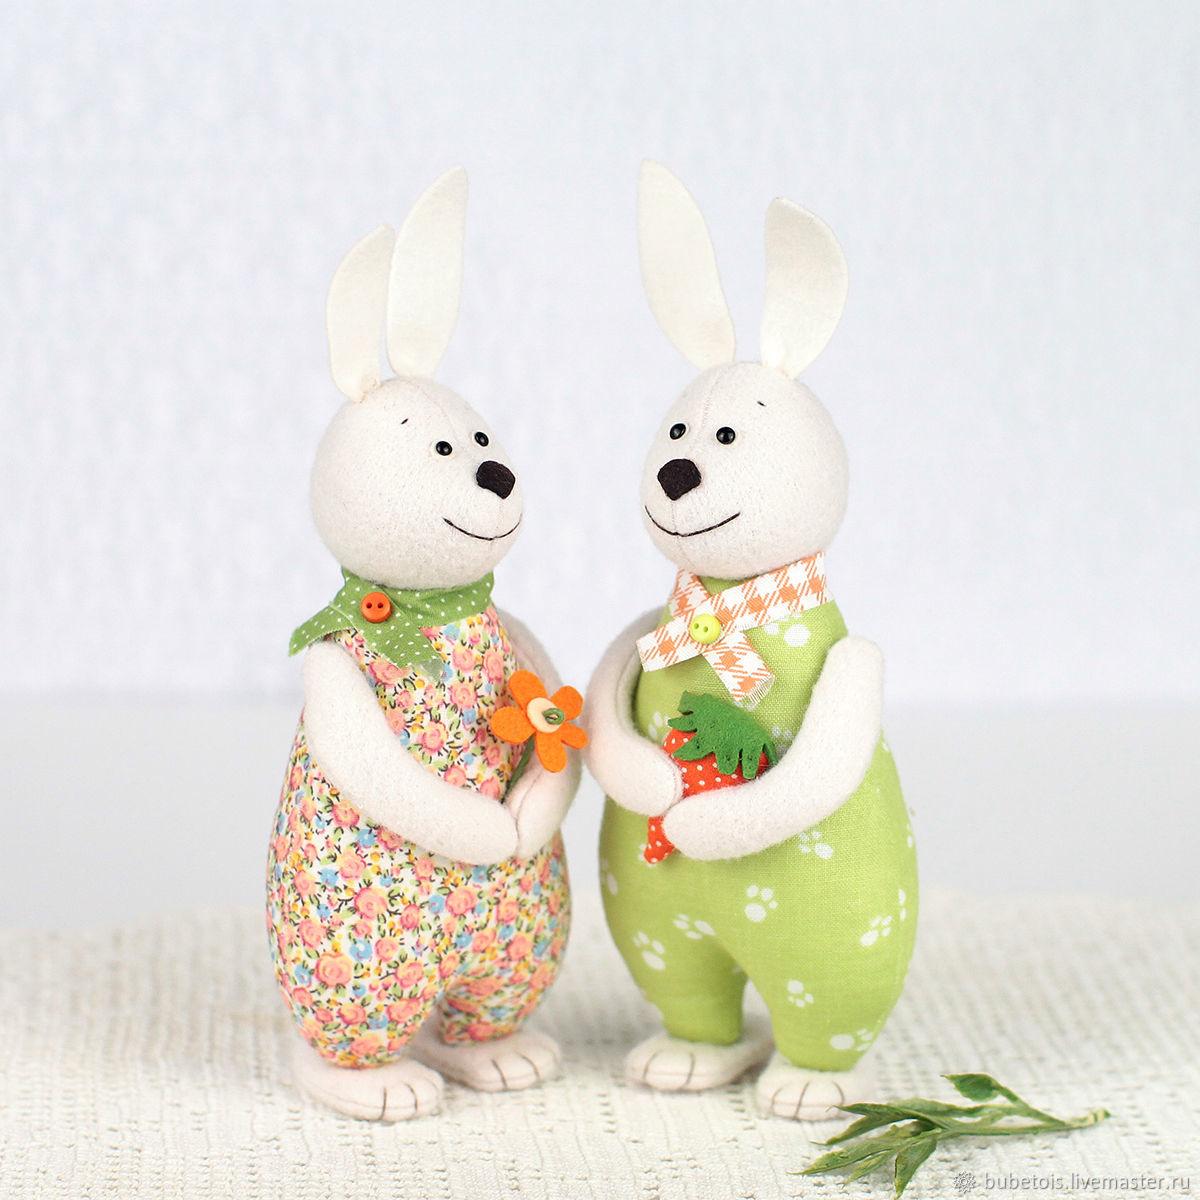 Игрушки Зайцы из ситца, подарок на ситцевую свадьбу, кролики и зайчики, Мягкие игрушки, Москва,  Фото №1